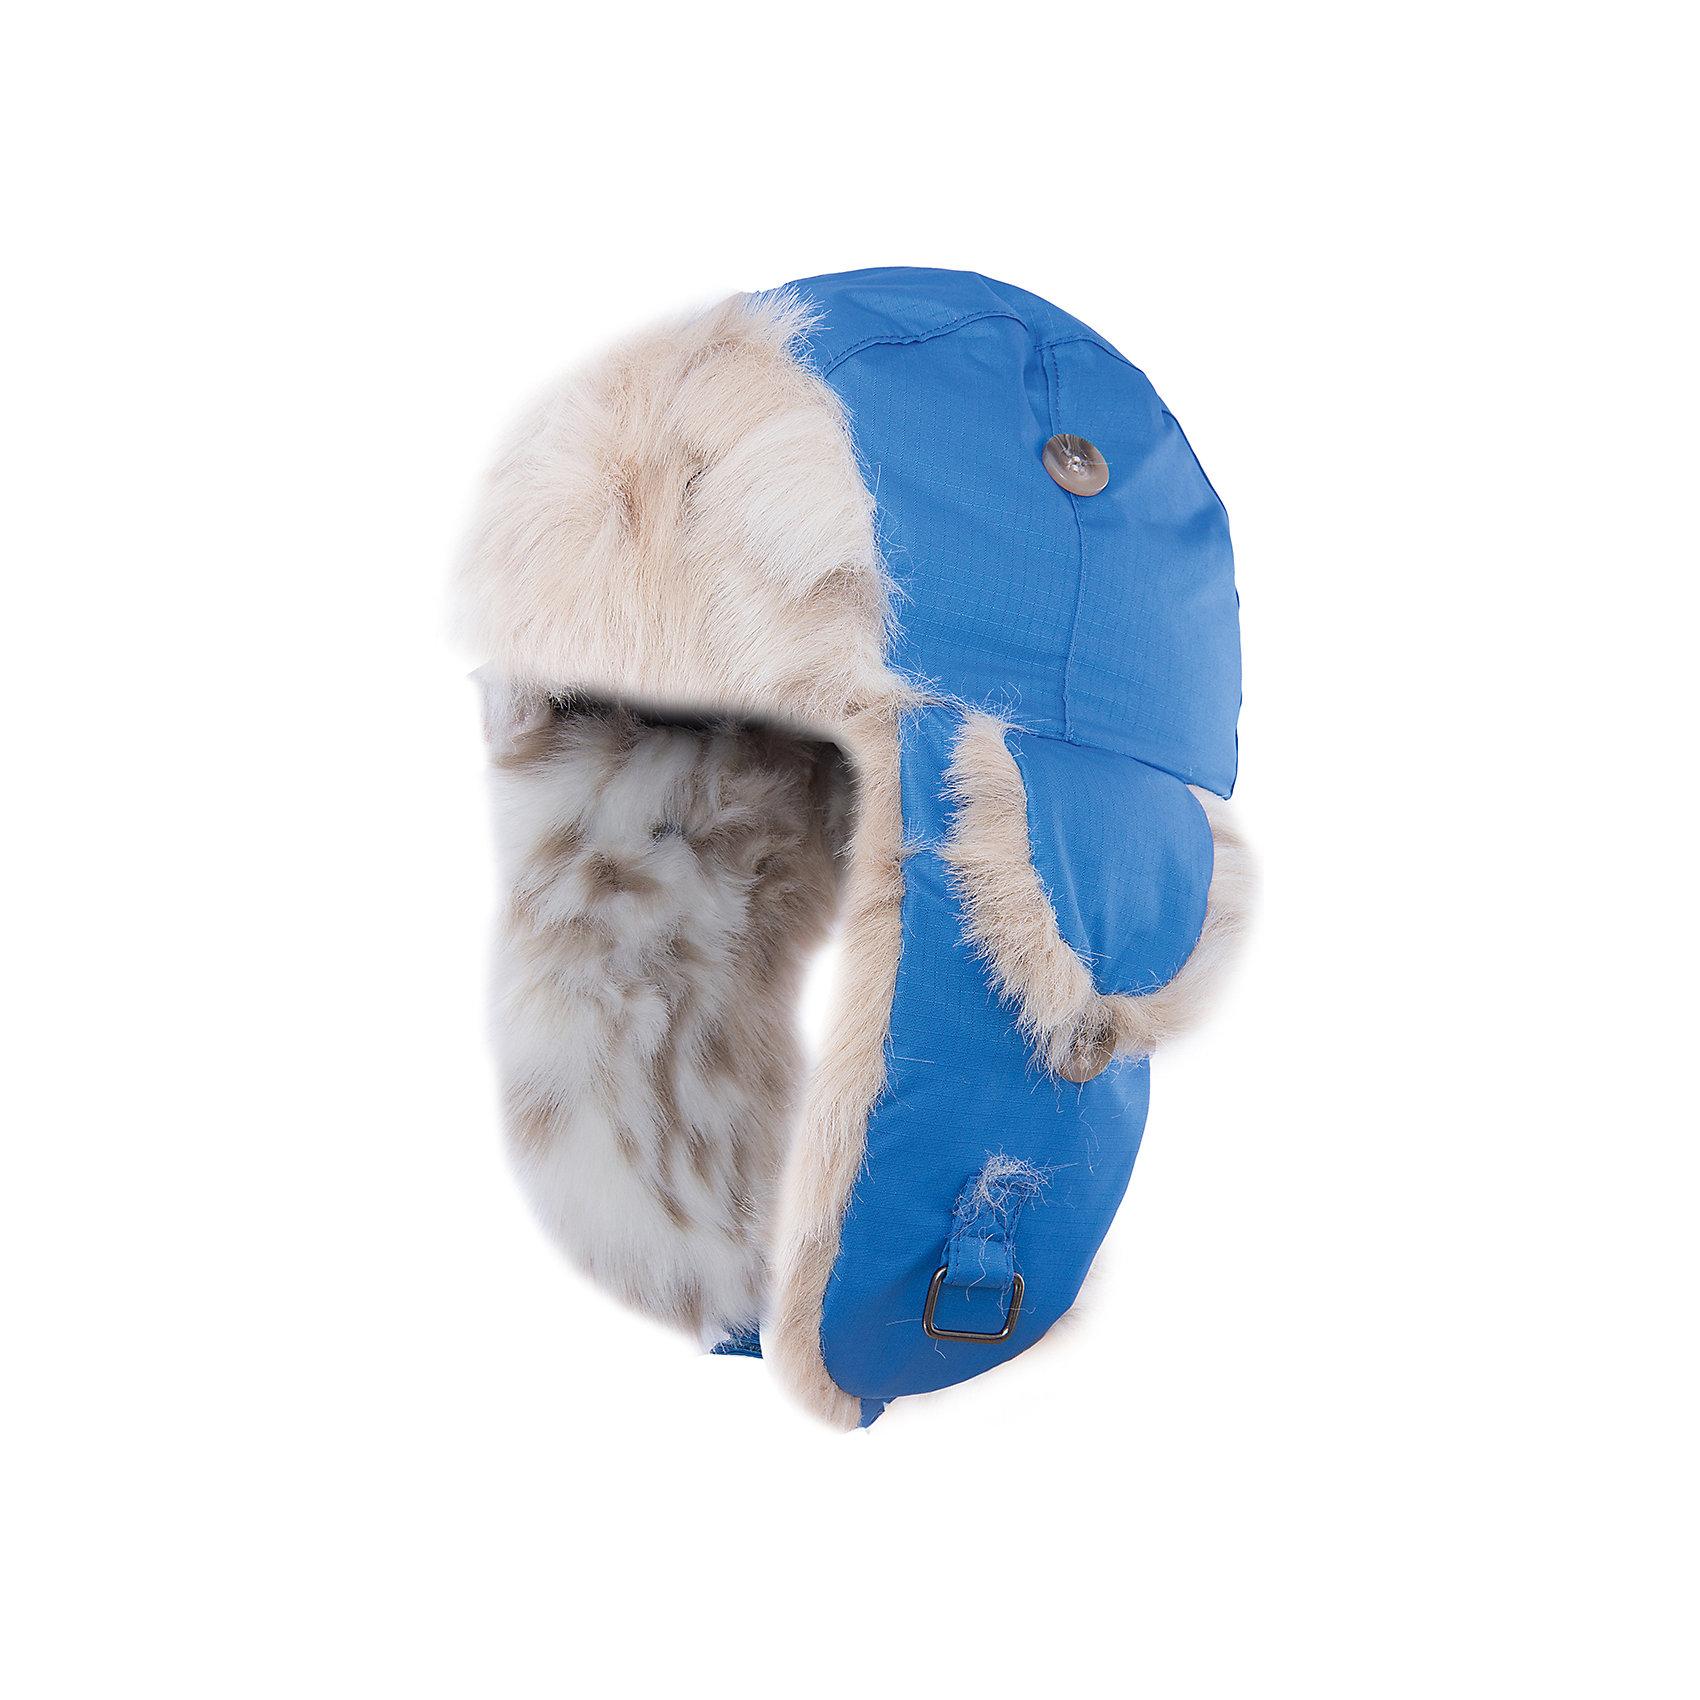 Шапка Kaspar HuppaГоловные уборы<br>Стильная зимняя шапка KASPAR Huppa(Хуппа).<br><br>Утеплитель: 100% полиэстер, 150 гр.<br><br>Температурный режим: до -25 градусов. Степень утепления – средняя. <br><br>* Температурный режим указан приблизительно — необходимо, прежде всего, ориентироваться на ощущения ребенка. Температурный режим работает в случае соблюдения правила многослойности – использования флисовой поддевы и термобелья.<br><br>С подкладкой из искусственного меха изготовлена с использованием дышащих водоотталкивающих материалов. Эта шапка отлично защитит голову и уши ребенка от холода и ветра. Кроме того, ее можно надеть в разных исполнениях: большие клапаны застегиваются на подбородке, маленькие и большие - на макушке. Замечательный вариант для тех, кто ценит качество и стиль.<br><br>Дополнительная информация:<br>Материал: 100% полиэстер<br>Подкладка: искуственный мех - 80% акрил, 20% полиэстер<br>Цвет: синий<br><br>Шапку KASPAR Huppa(Хуппа) можно приобрести в нашем интернет-магазине.<br><br>Ширина мм: 89<br>Глубина мм: 117<br>Высота мм: 44<br>Вес г: 155<br>Цвет: синий<br>Возраст от месяцев: 84<br>Возраст до месяцев: 120<br>Пол: Мужской<br>Возраст: Детский<br>Размер: 55-57,47-49,51-53<br>SKU: 4923961